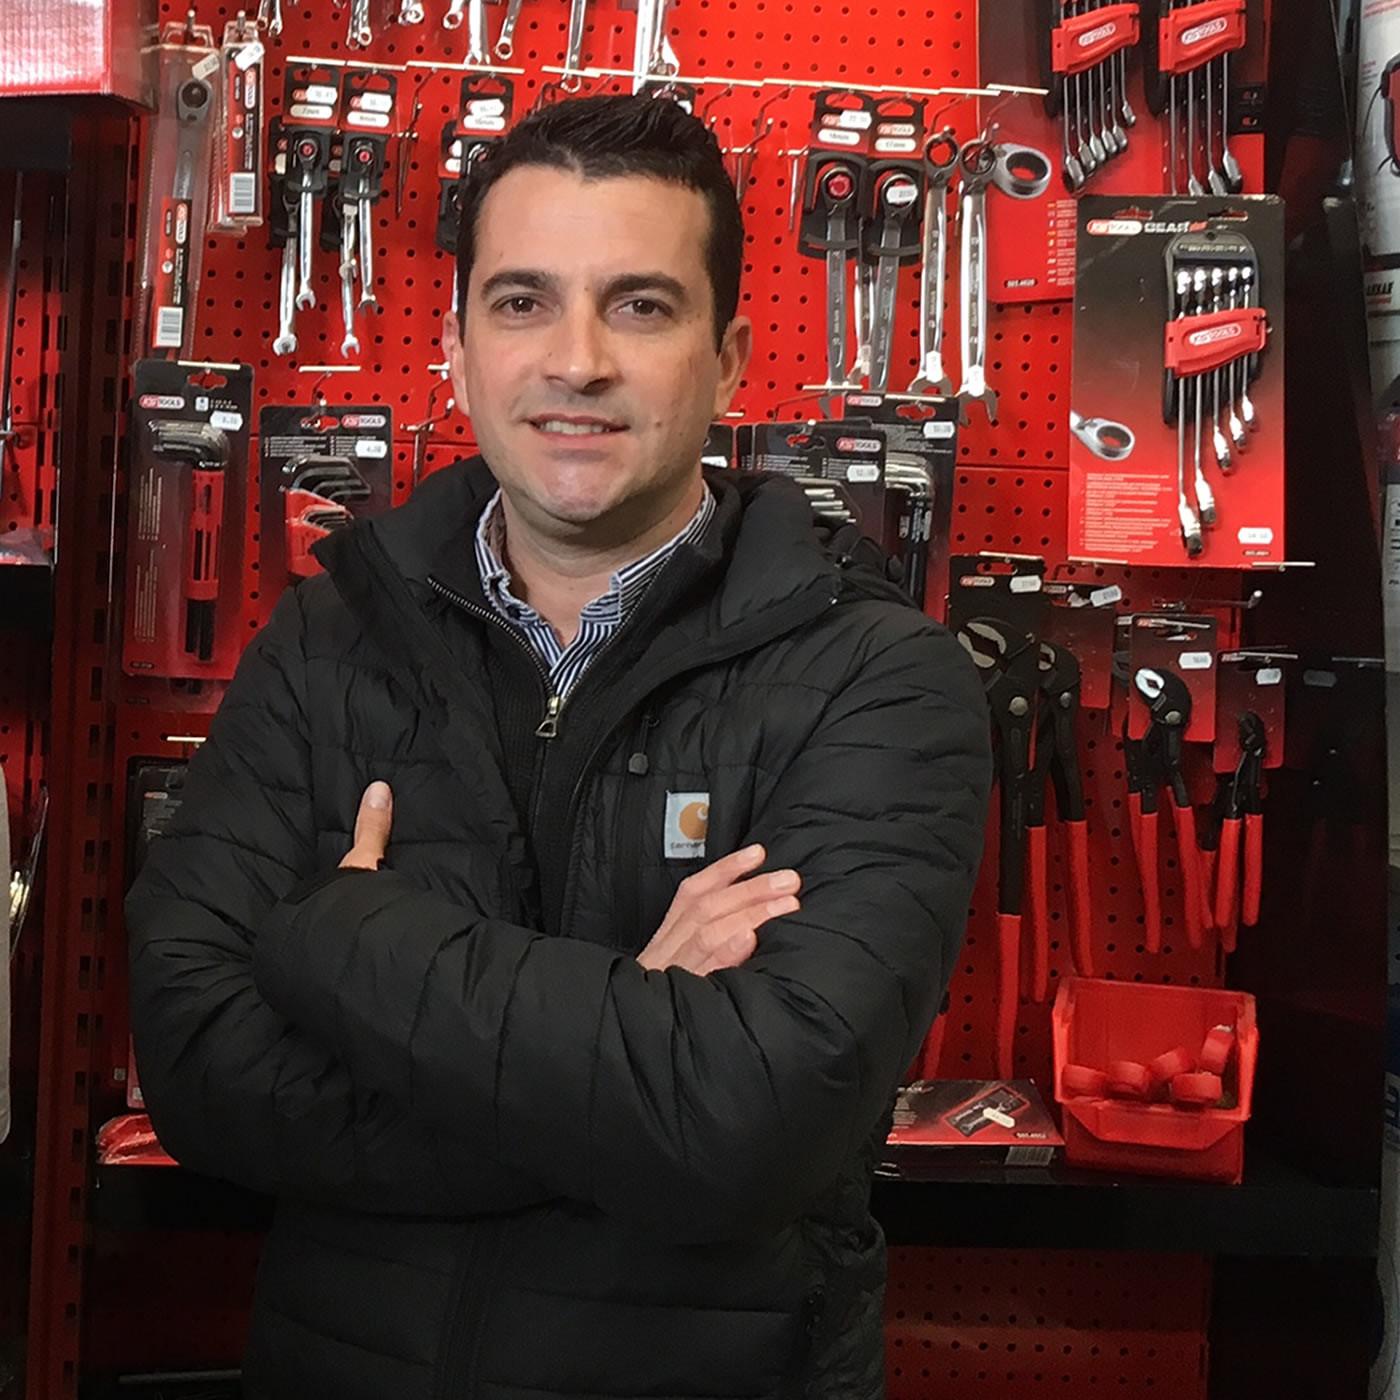 #28 - Nicolas dirigeant d'une société d'équipements pour les sociétés